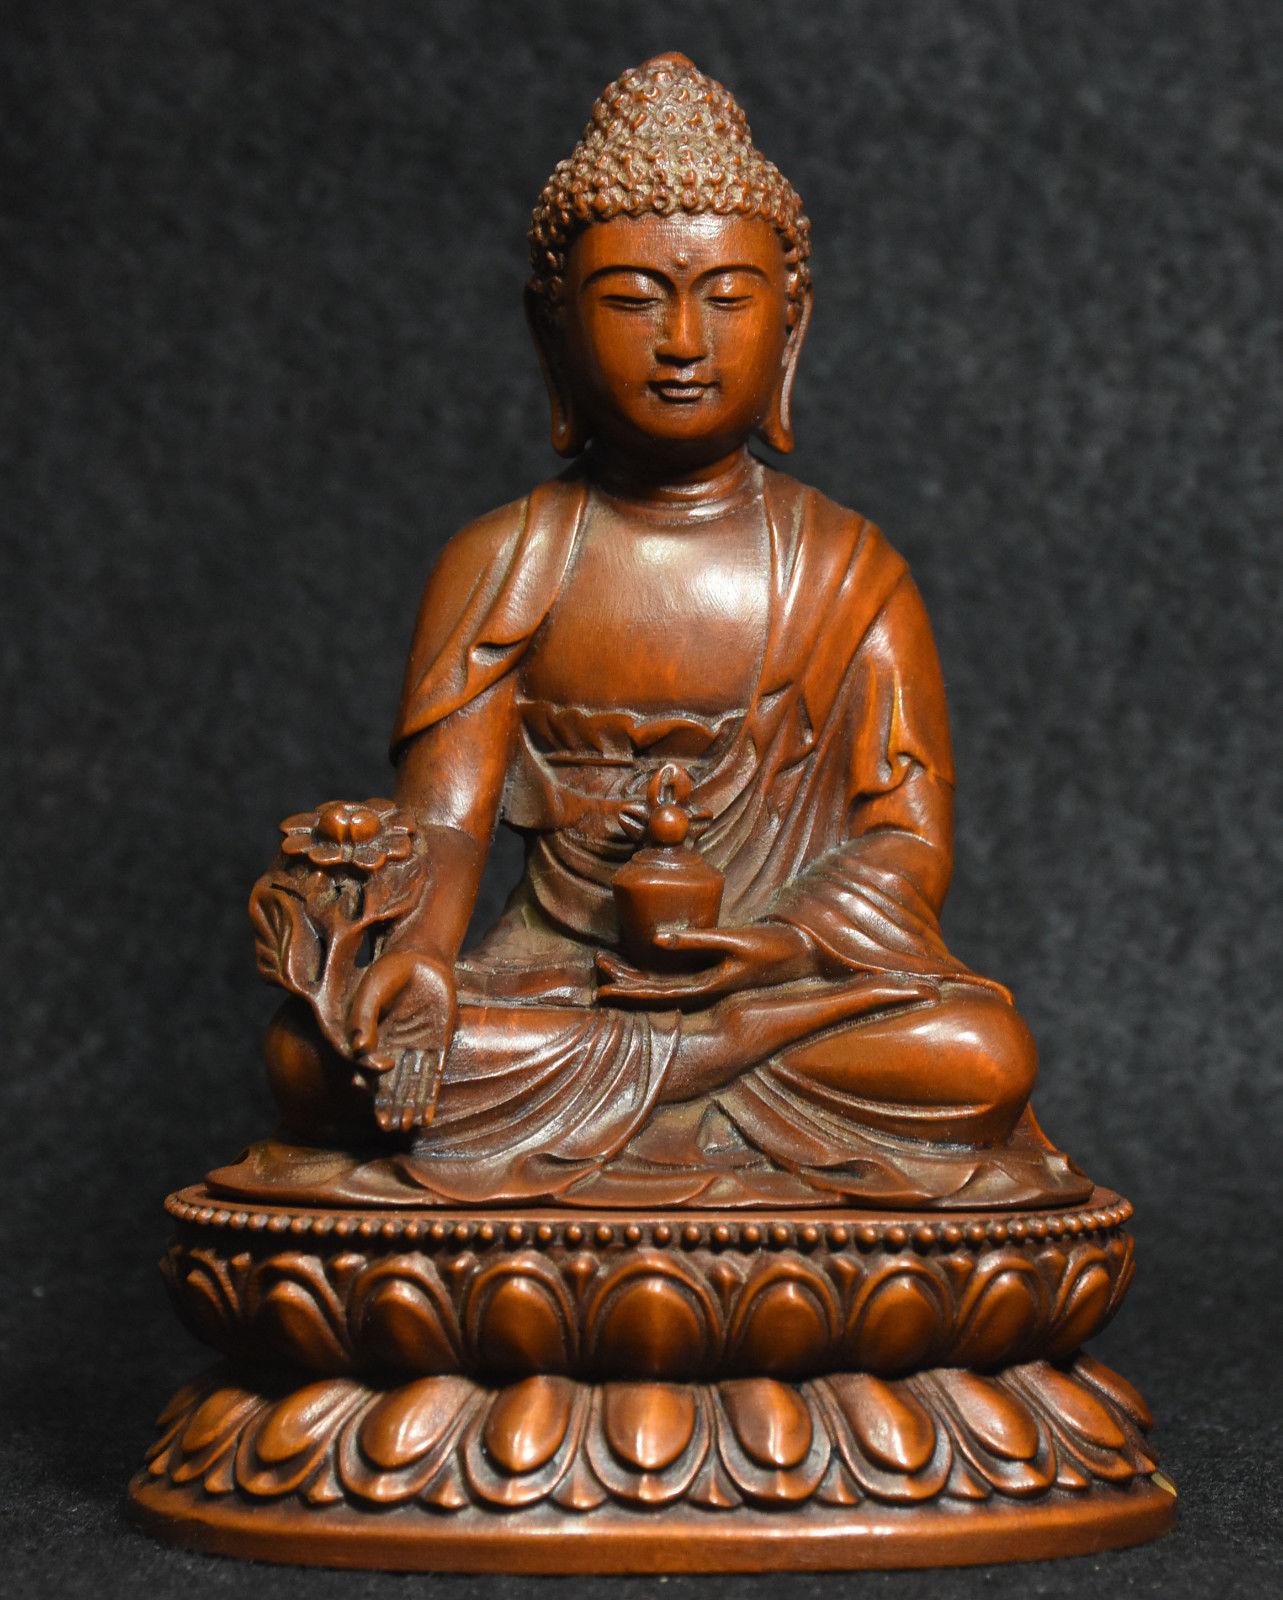 Bouddhisme chinois bouddhisme buis bois dieu médical Menla médecine bouddha Statue